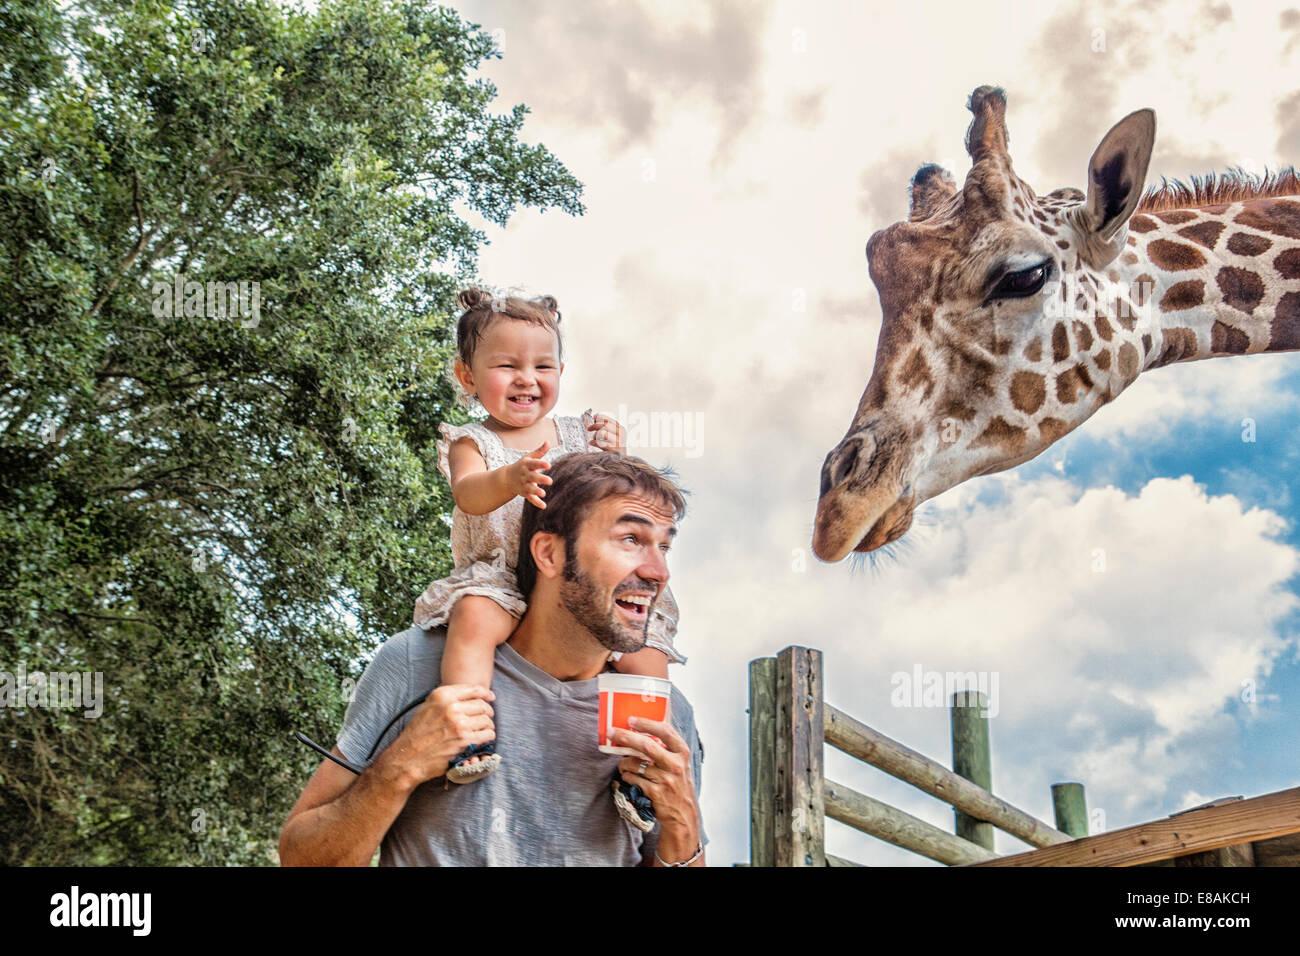 Sogghignando bambina sulle spalle dei padri una giraffa di alimentazione allo zoo Immagini Stock